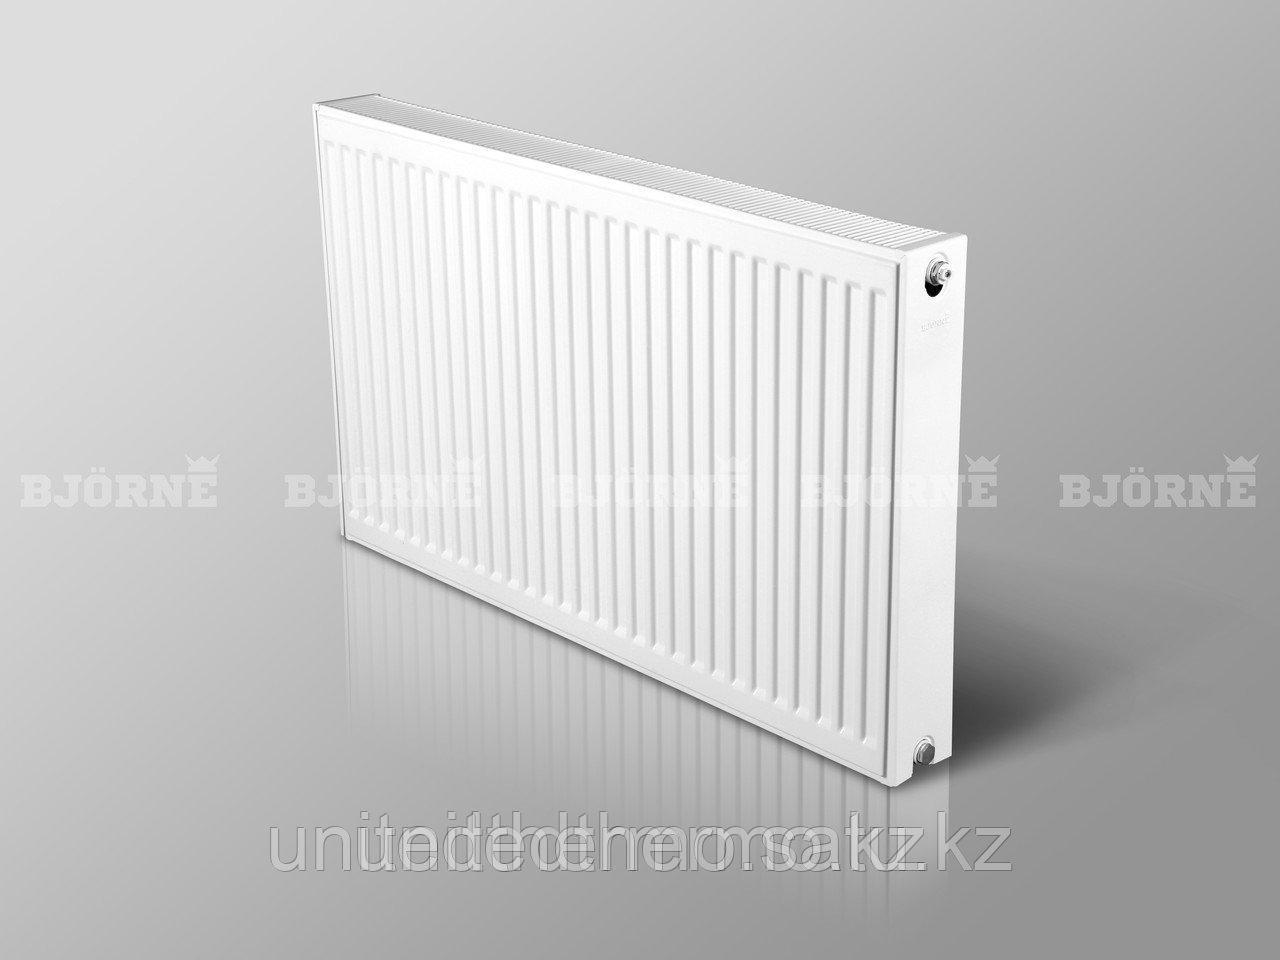 Стальной панельный радиатор Bjorne тип 22K H900мм*L400мм до L3000мм боковое подключение